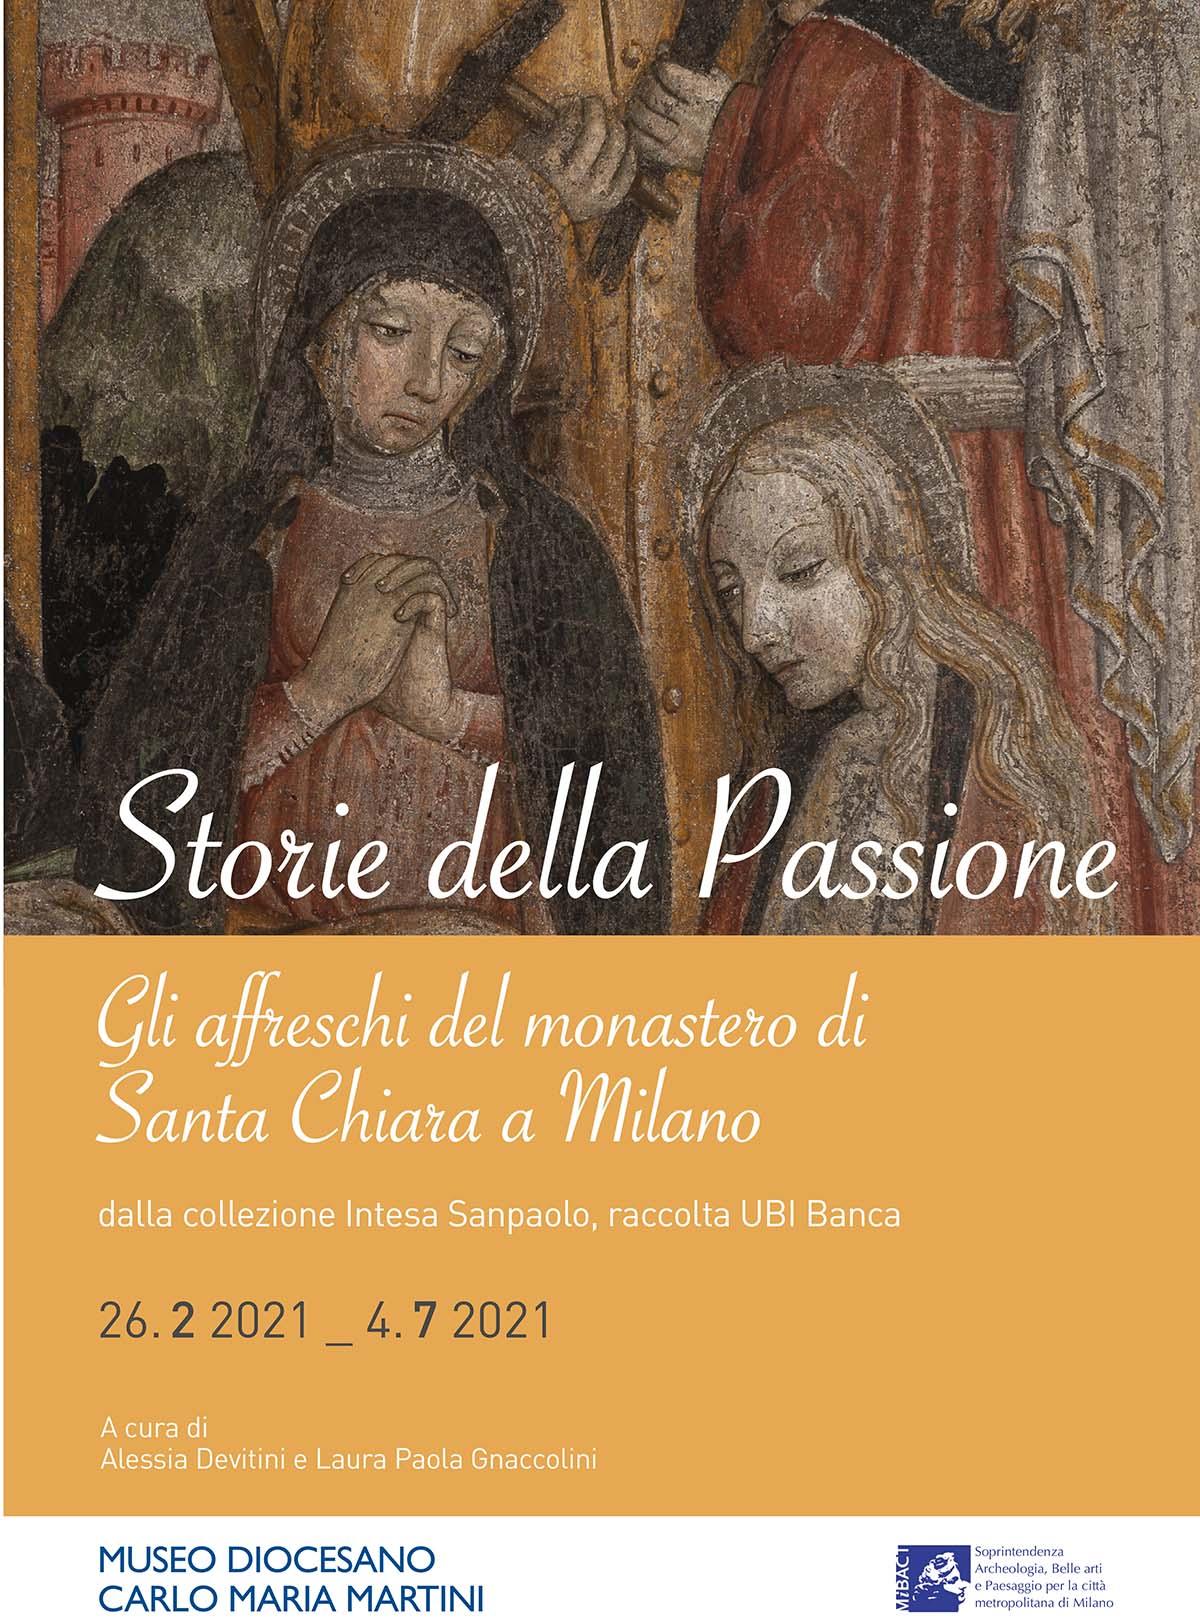 Storie della Passione. Gli affreschi del monastero di Santa Chiara a Milano – 26.2 _ 4.7 2021